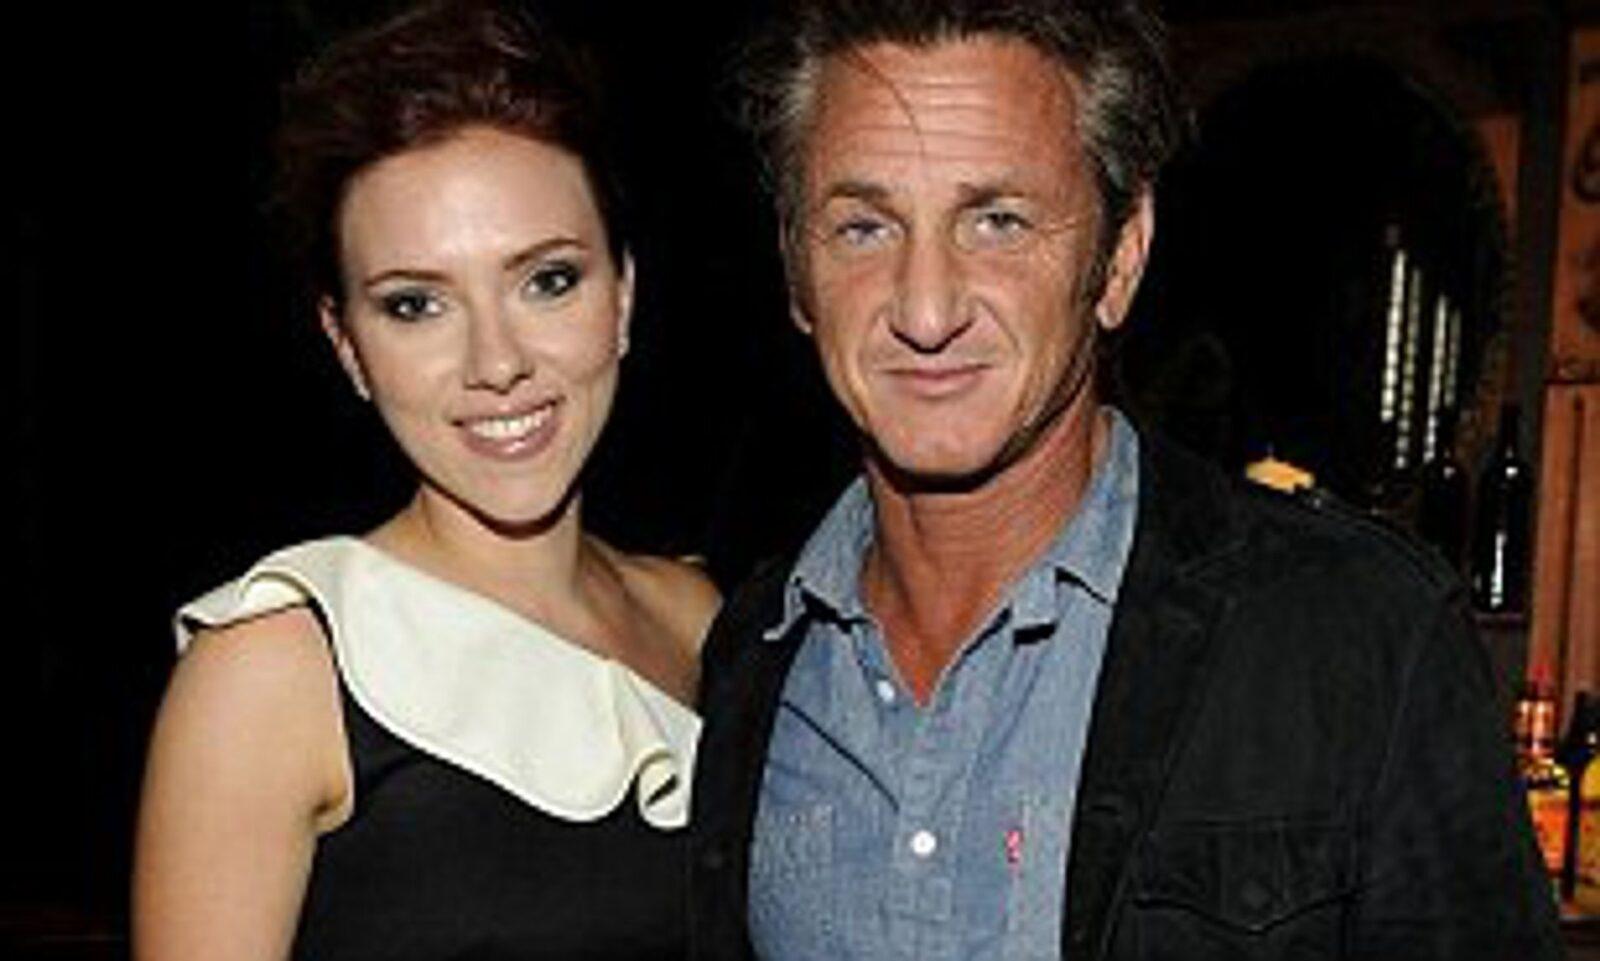 Sean Penn turns 60